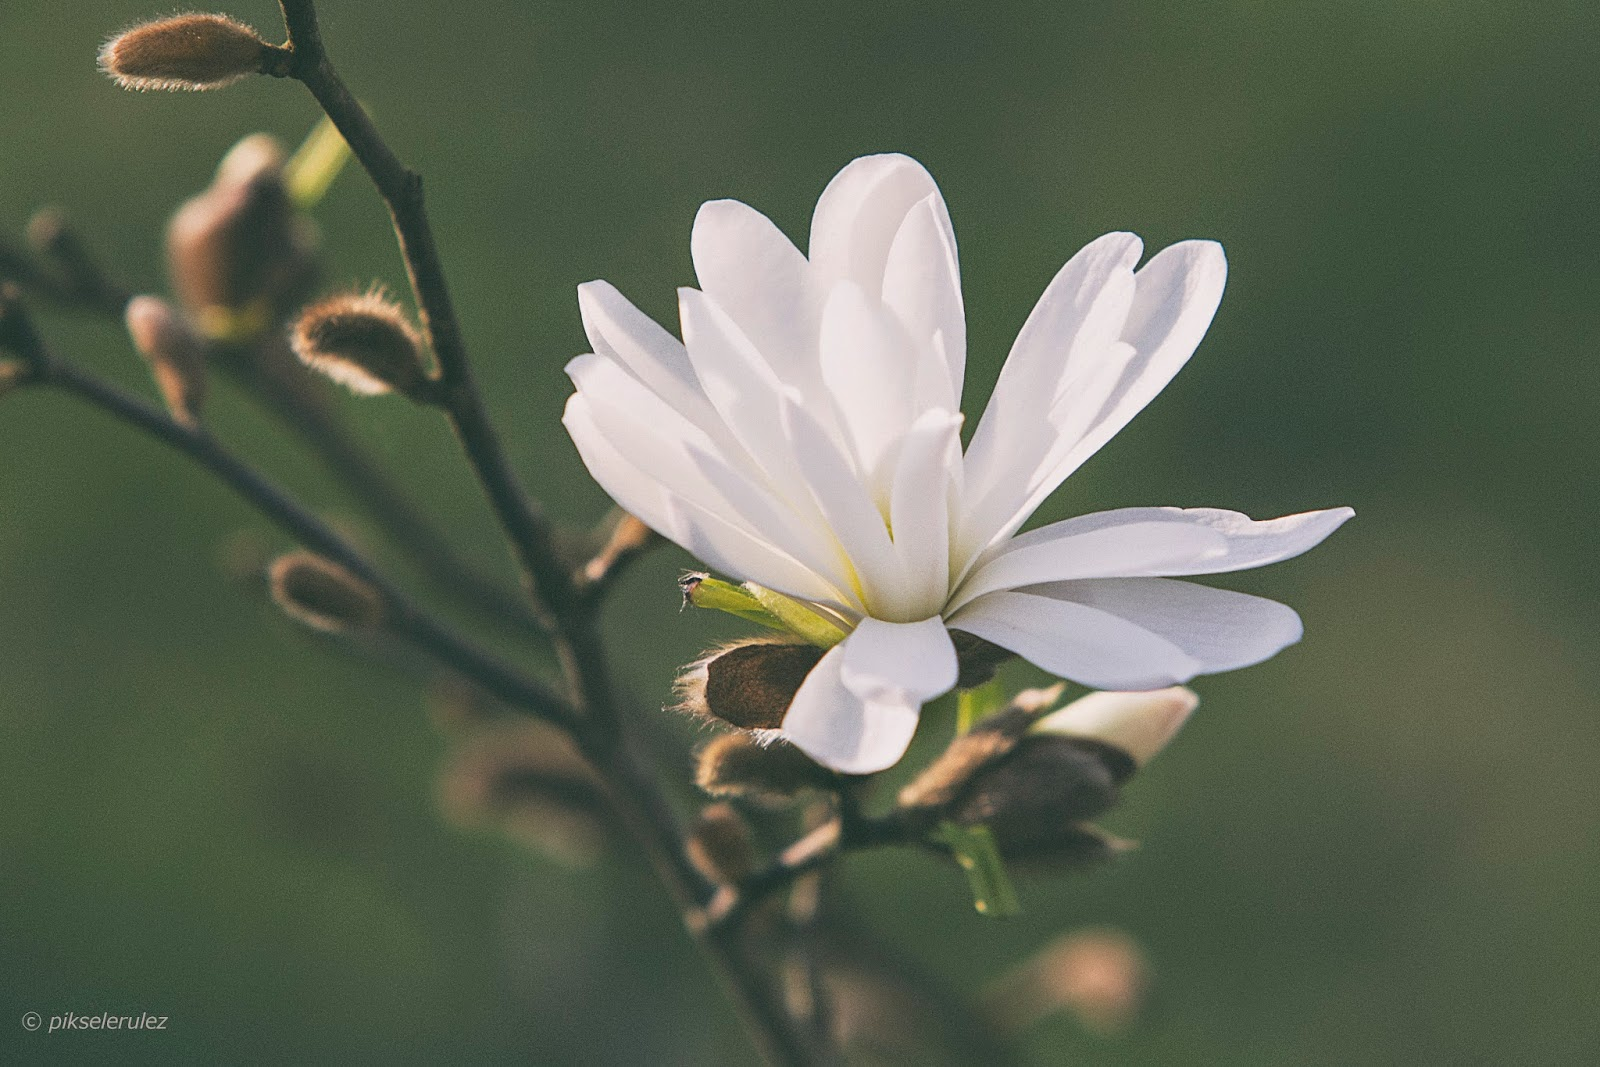 wiosna, sprong, towarszysz wiosny, agata raszke, pikselerulez, fotografia, natura, flowers,